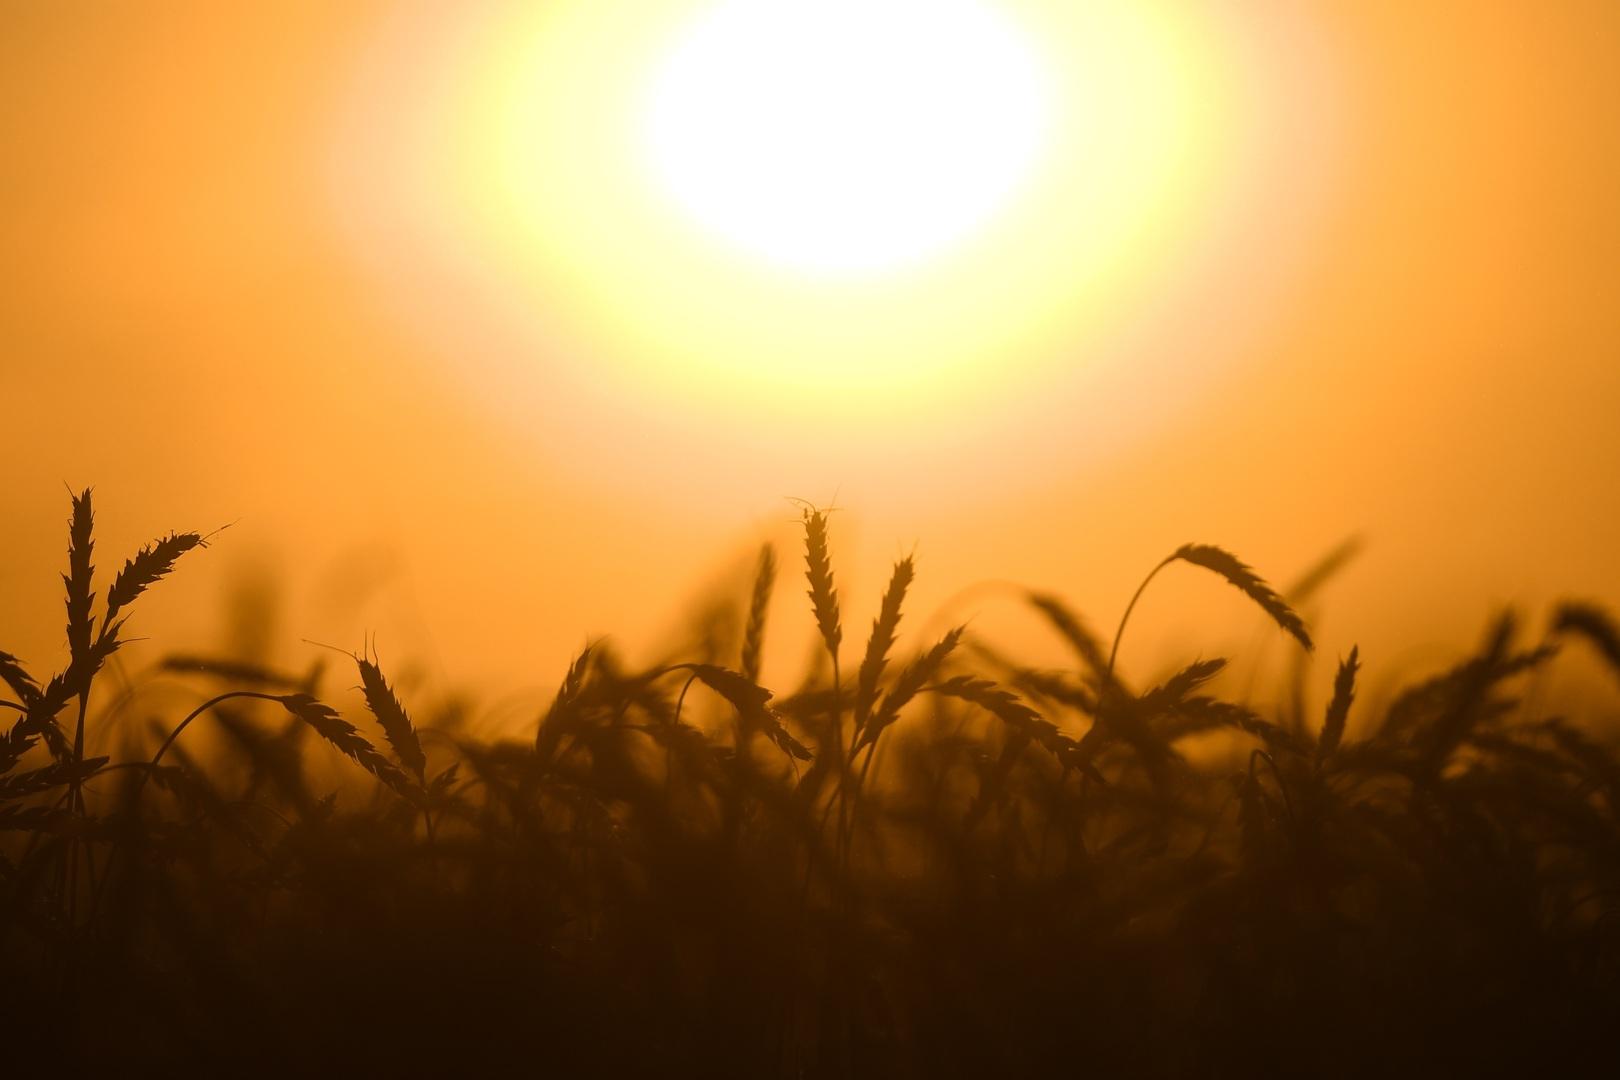 روسيا: ارتفاع إنتاج الحبوب في 2019 بواقع 7 ملايين طن